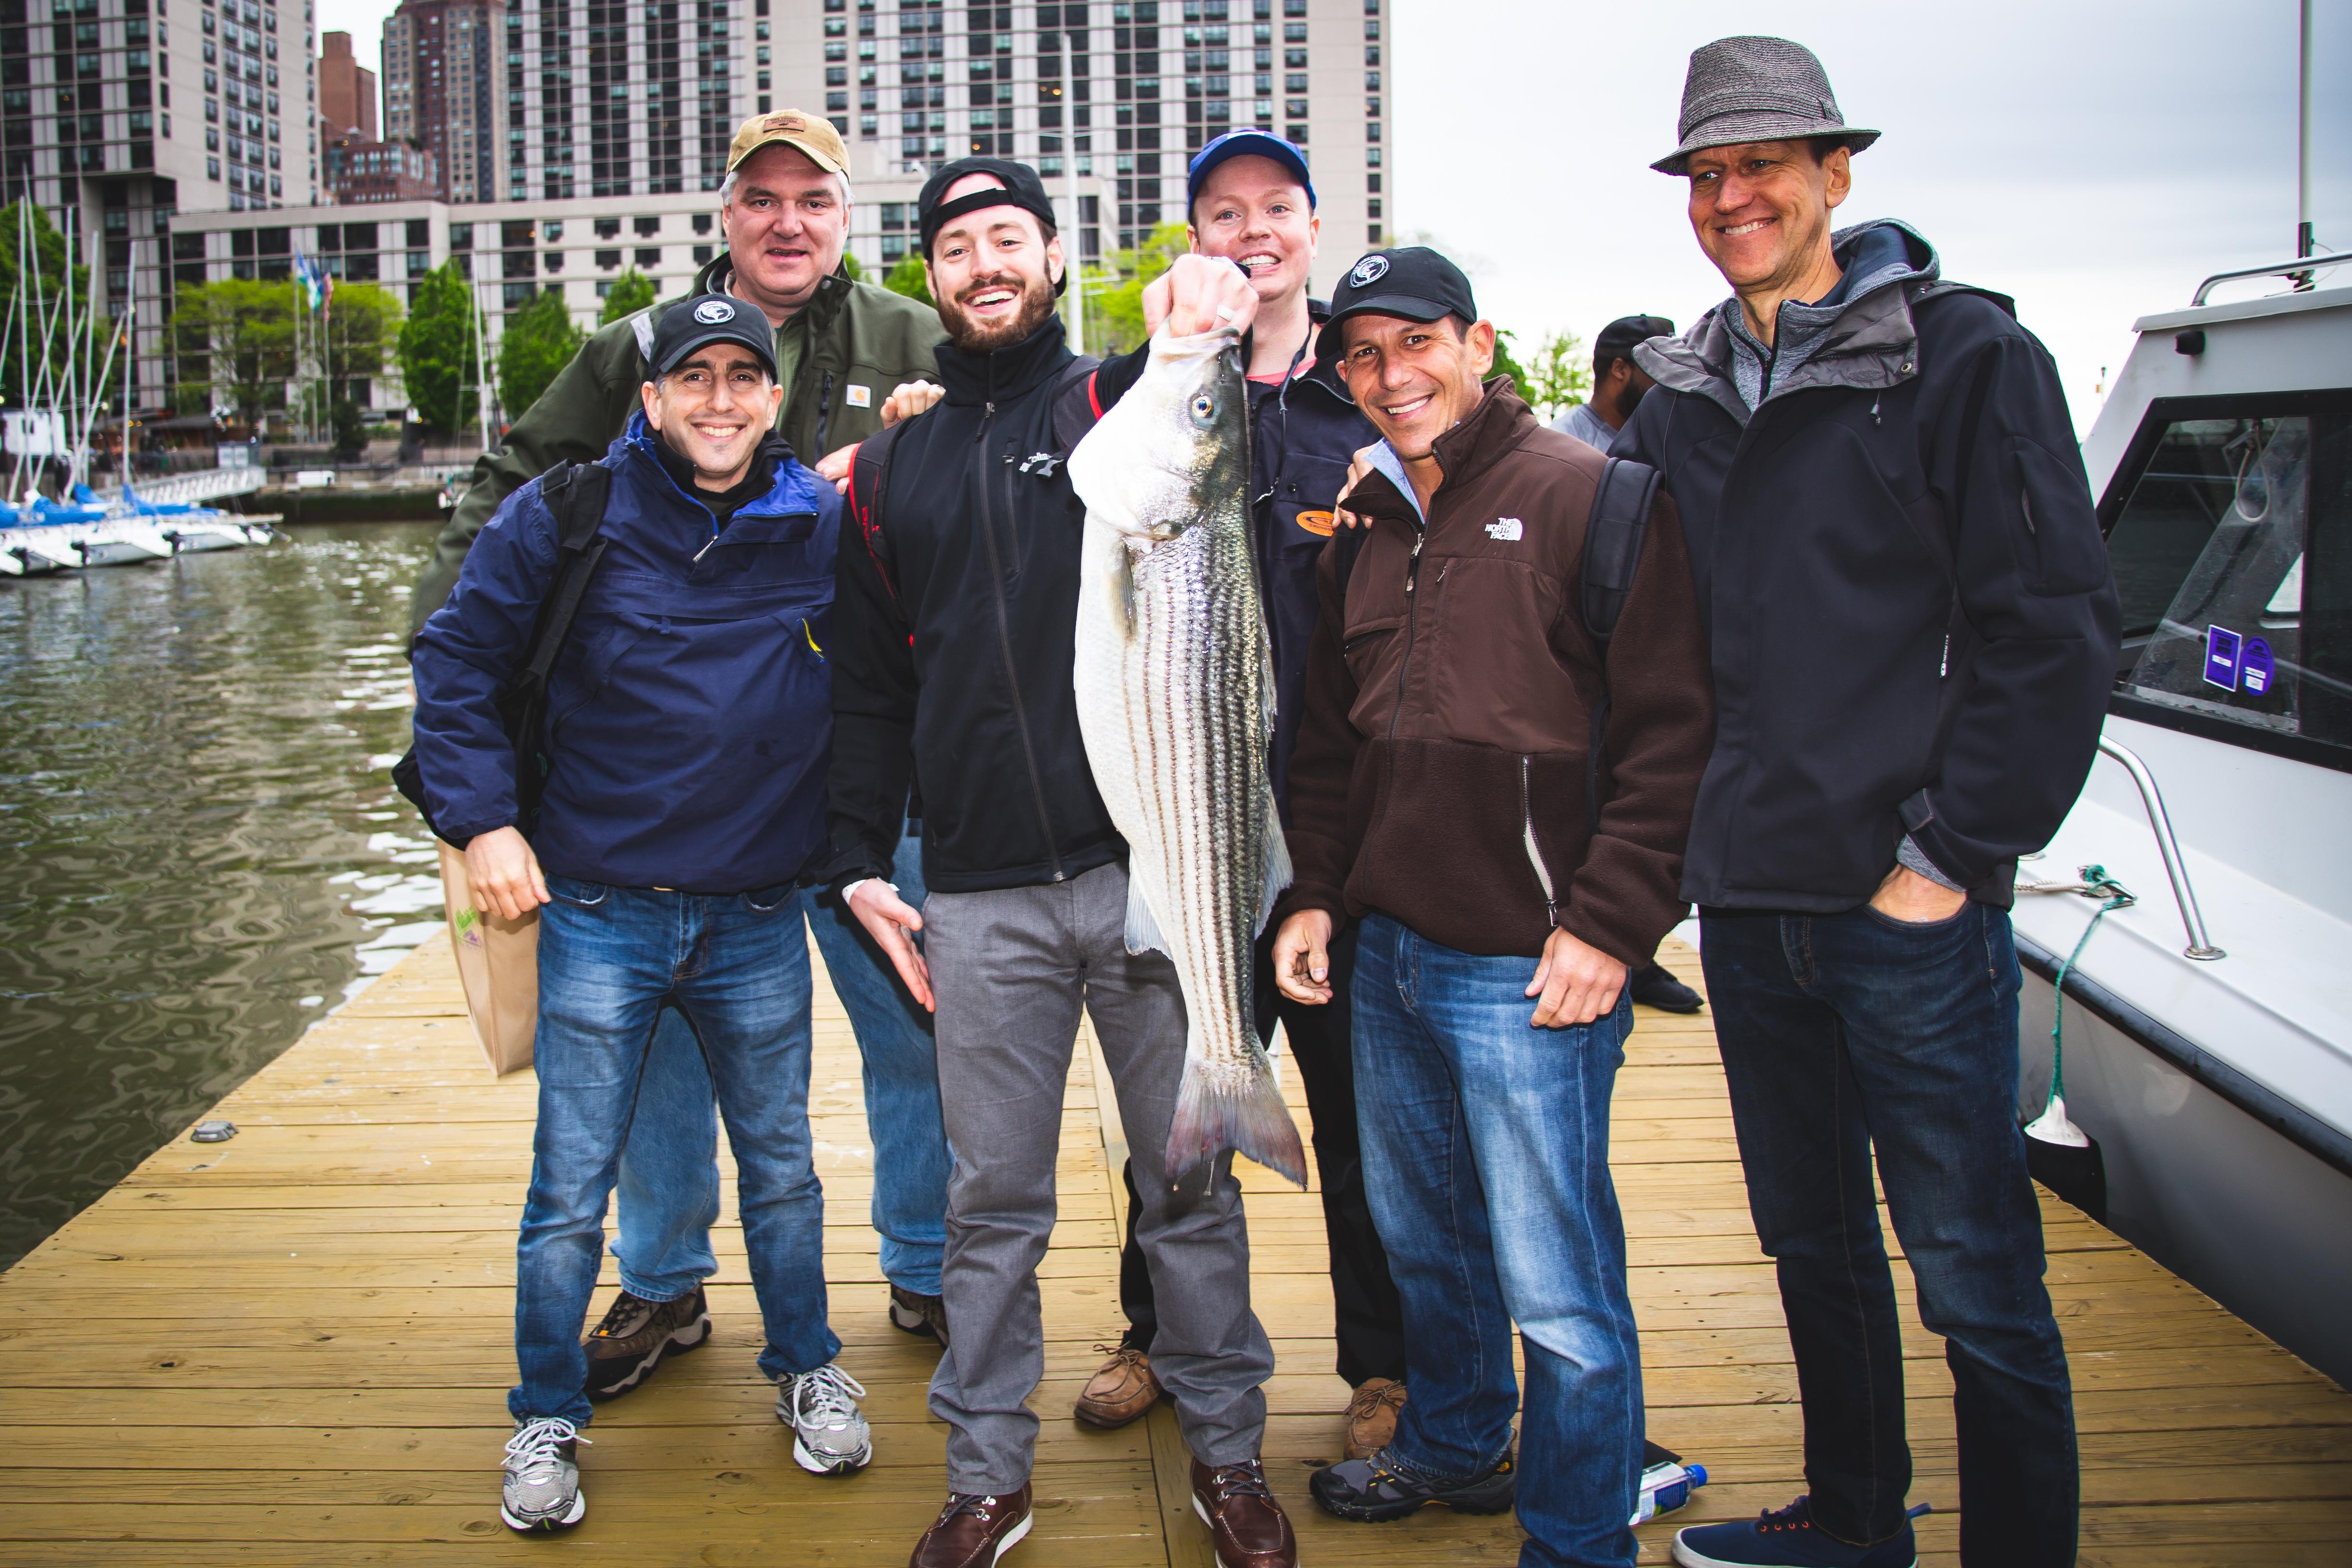 NY Fishing Classic 2019